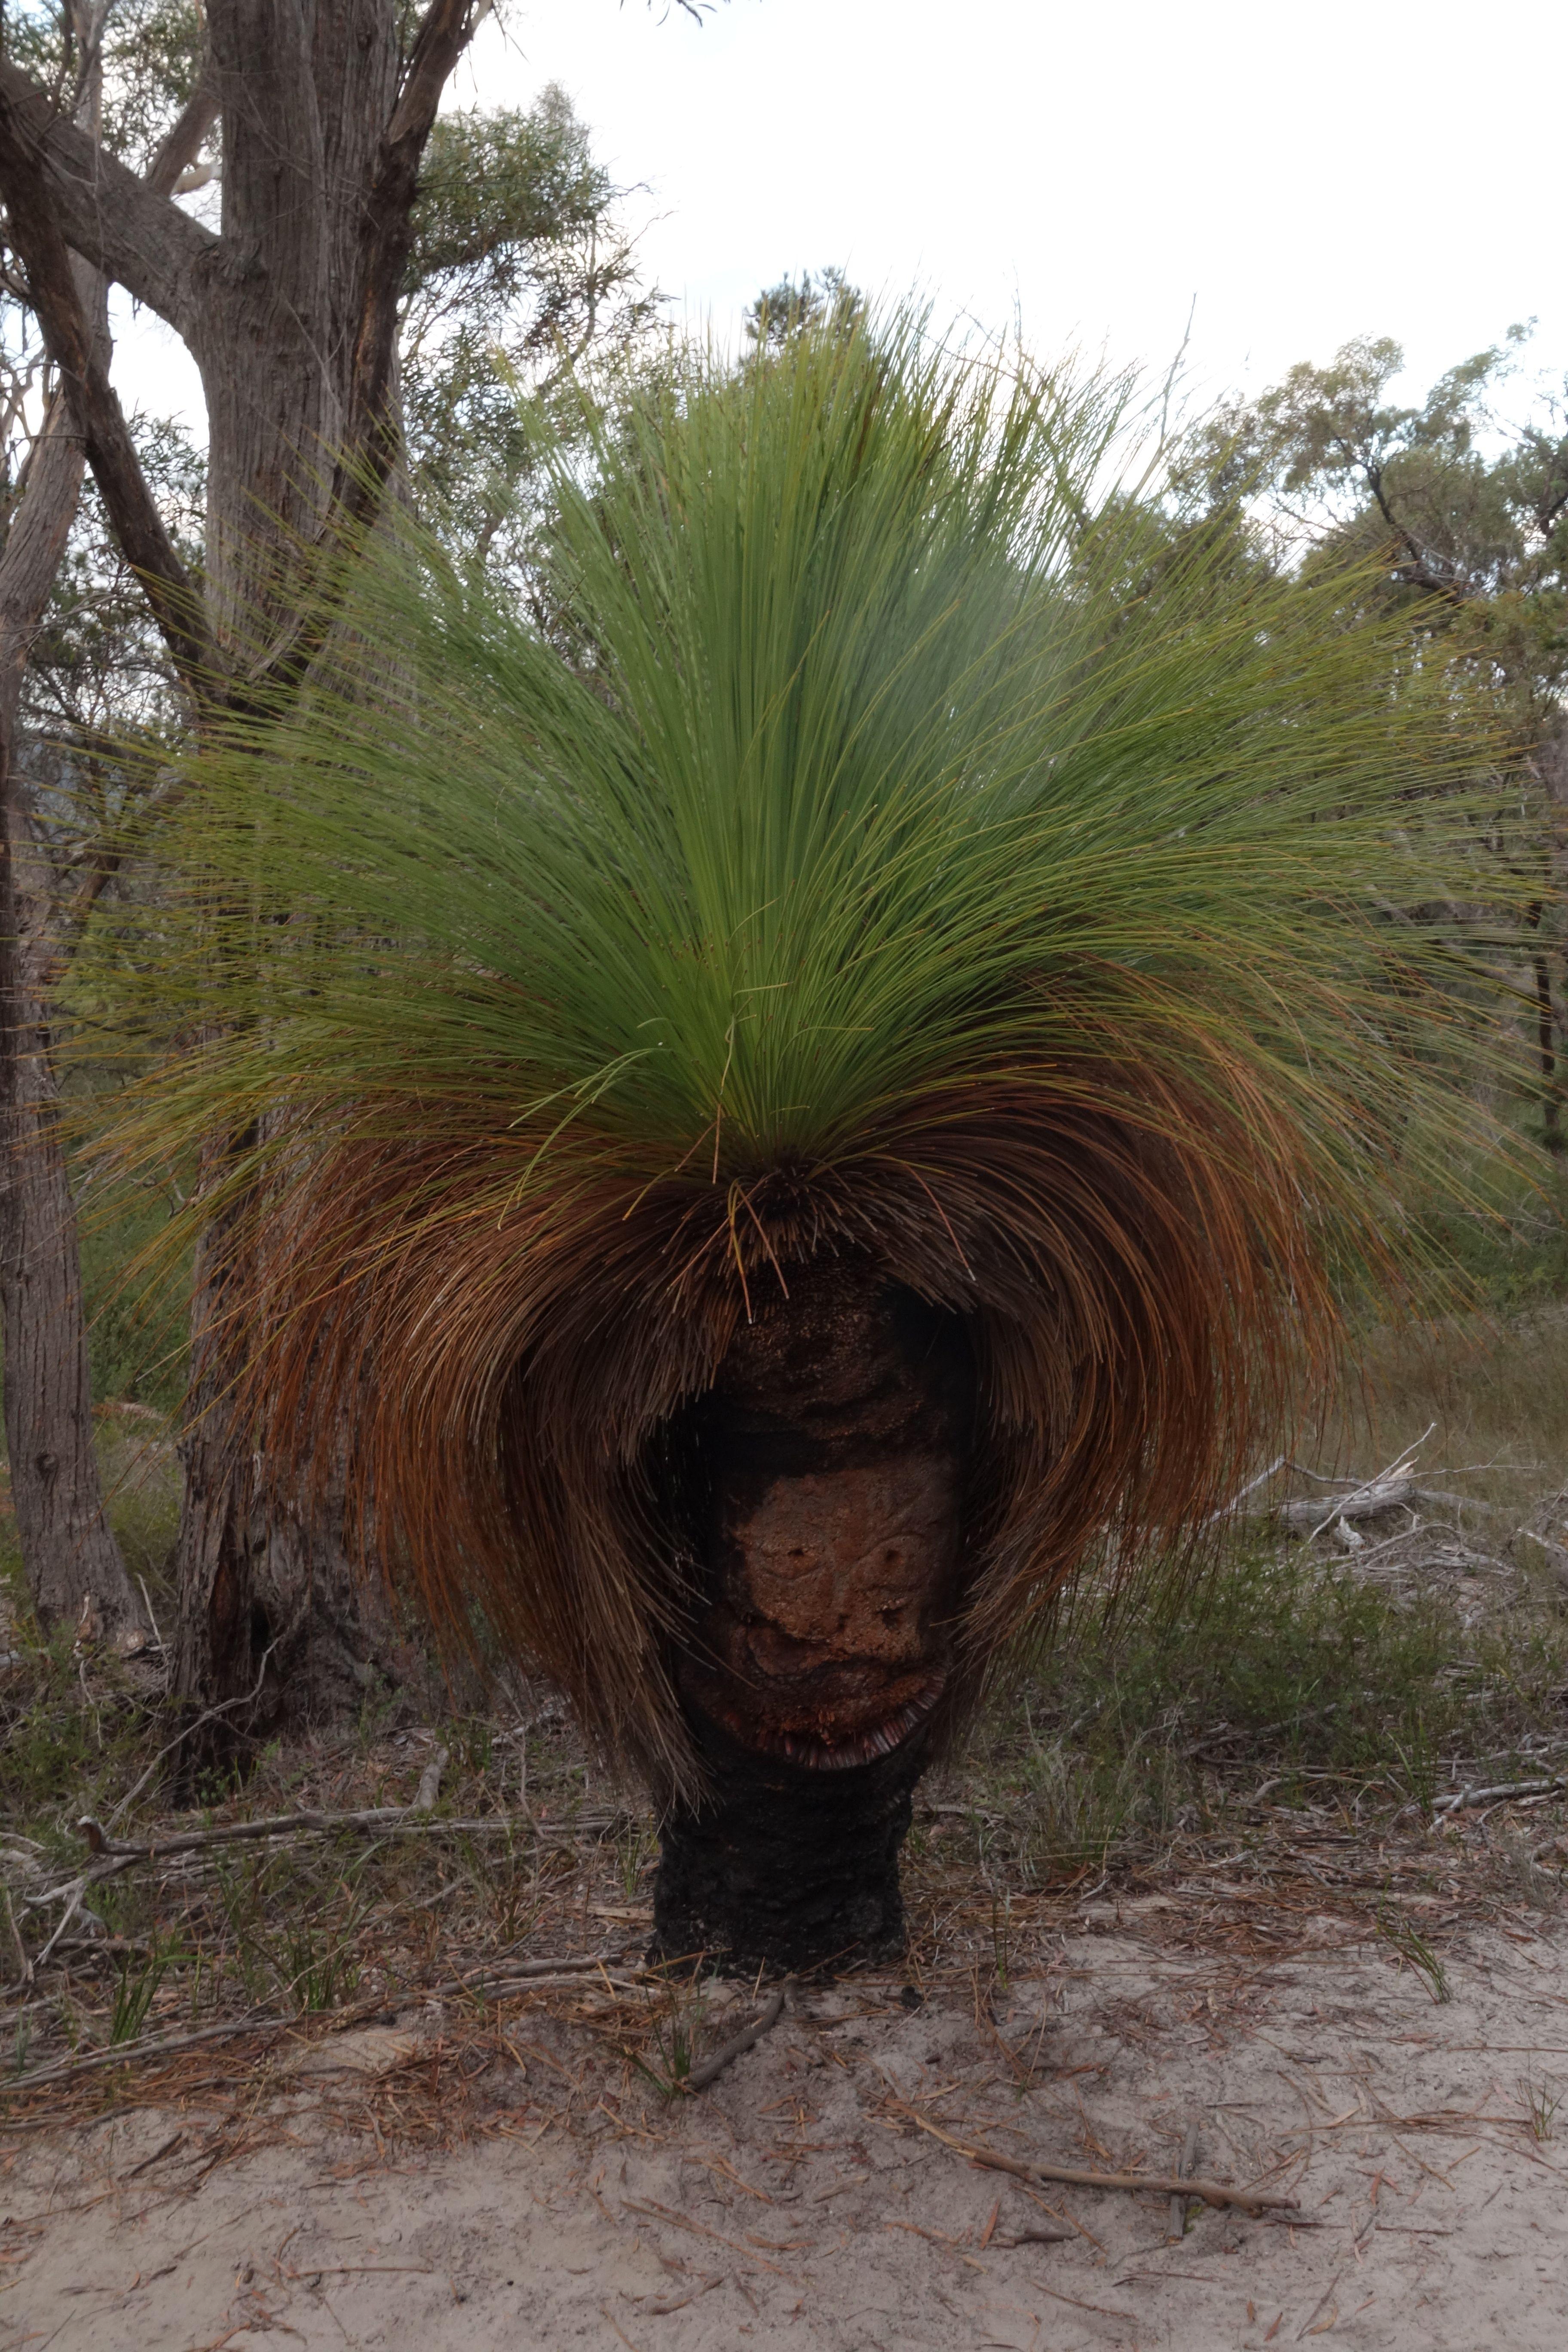 Australie-Tasmanie: Plante bizarre sur l'Ile quand meme.